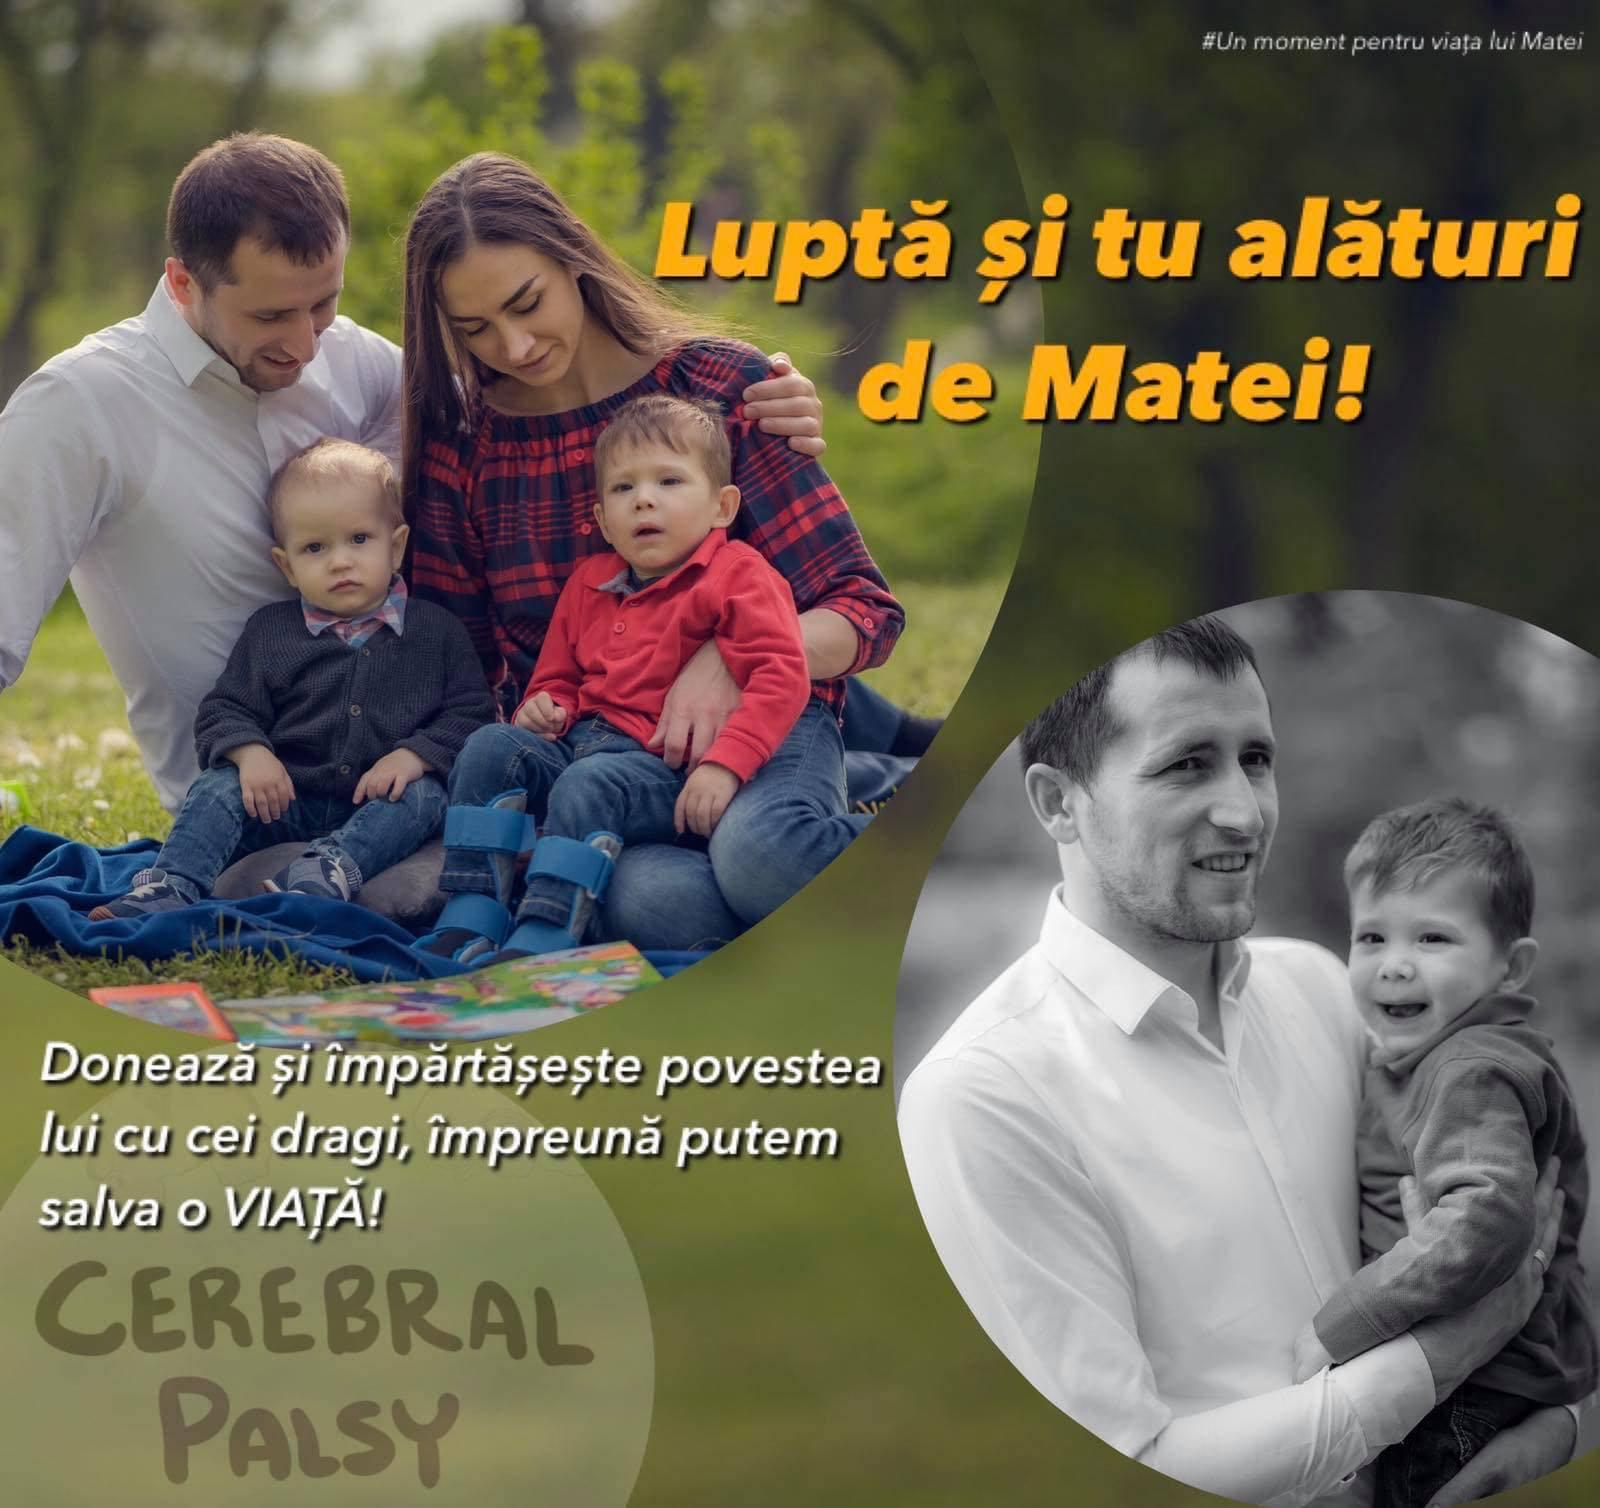 Matei Donici, diagnosticat cu paralizie cerebrală